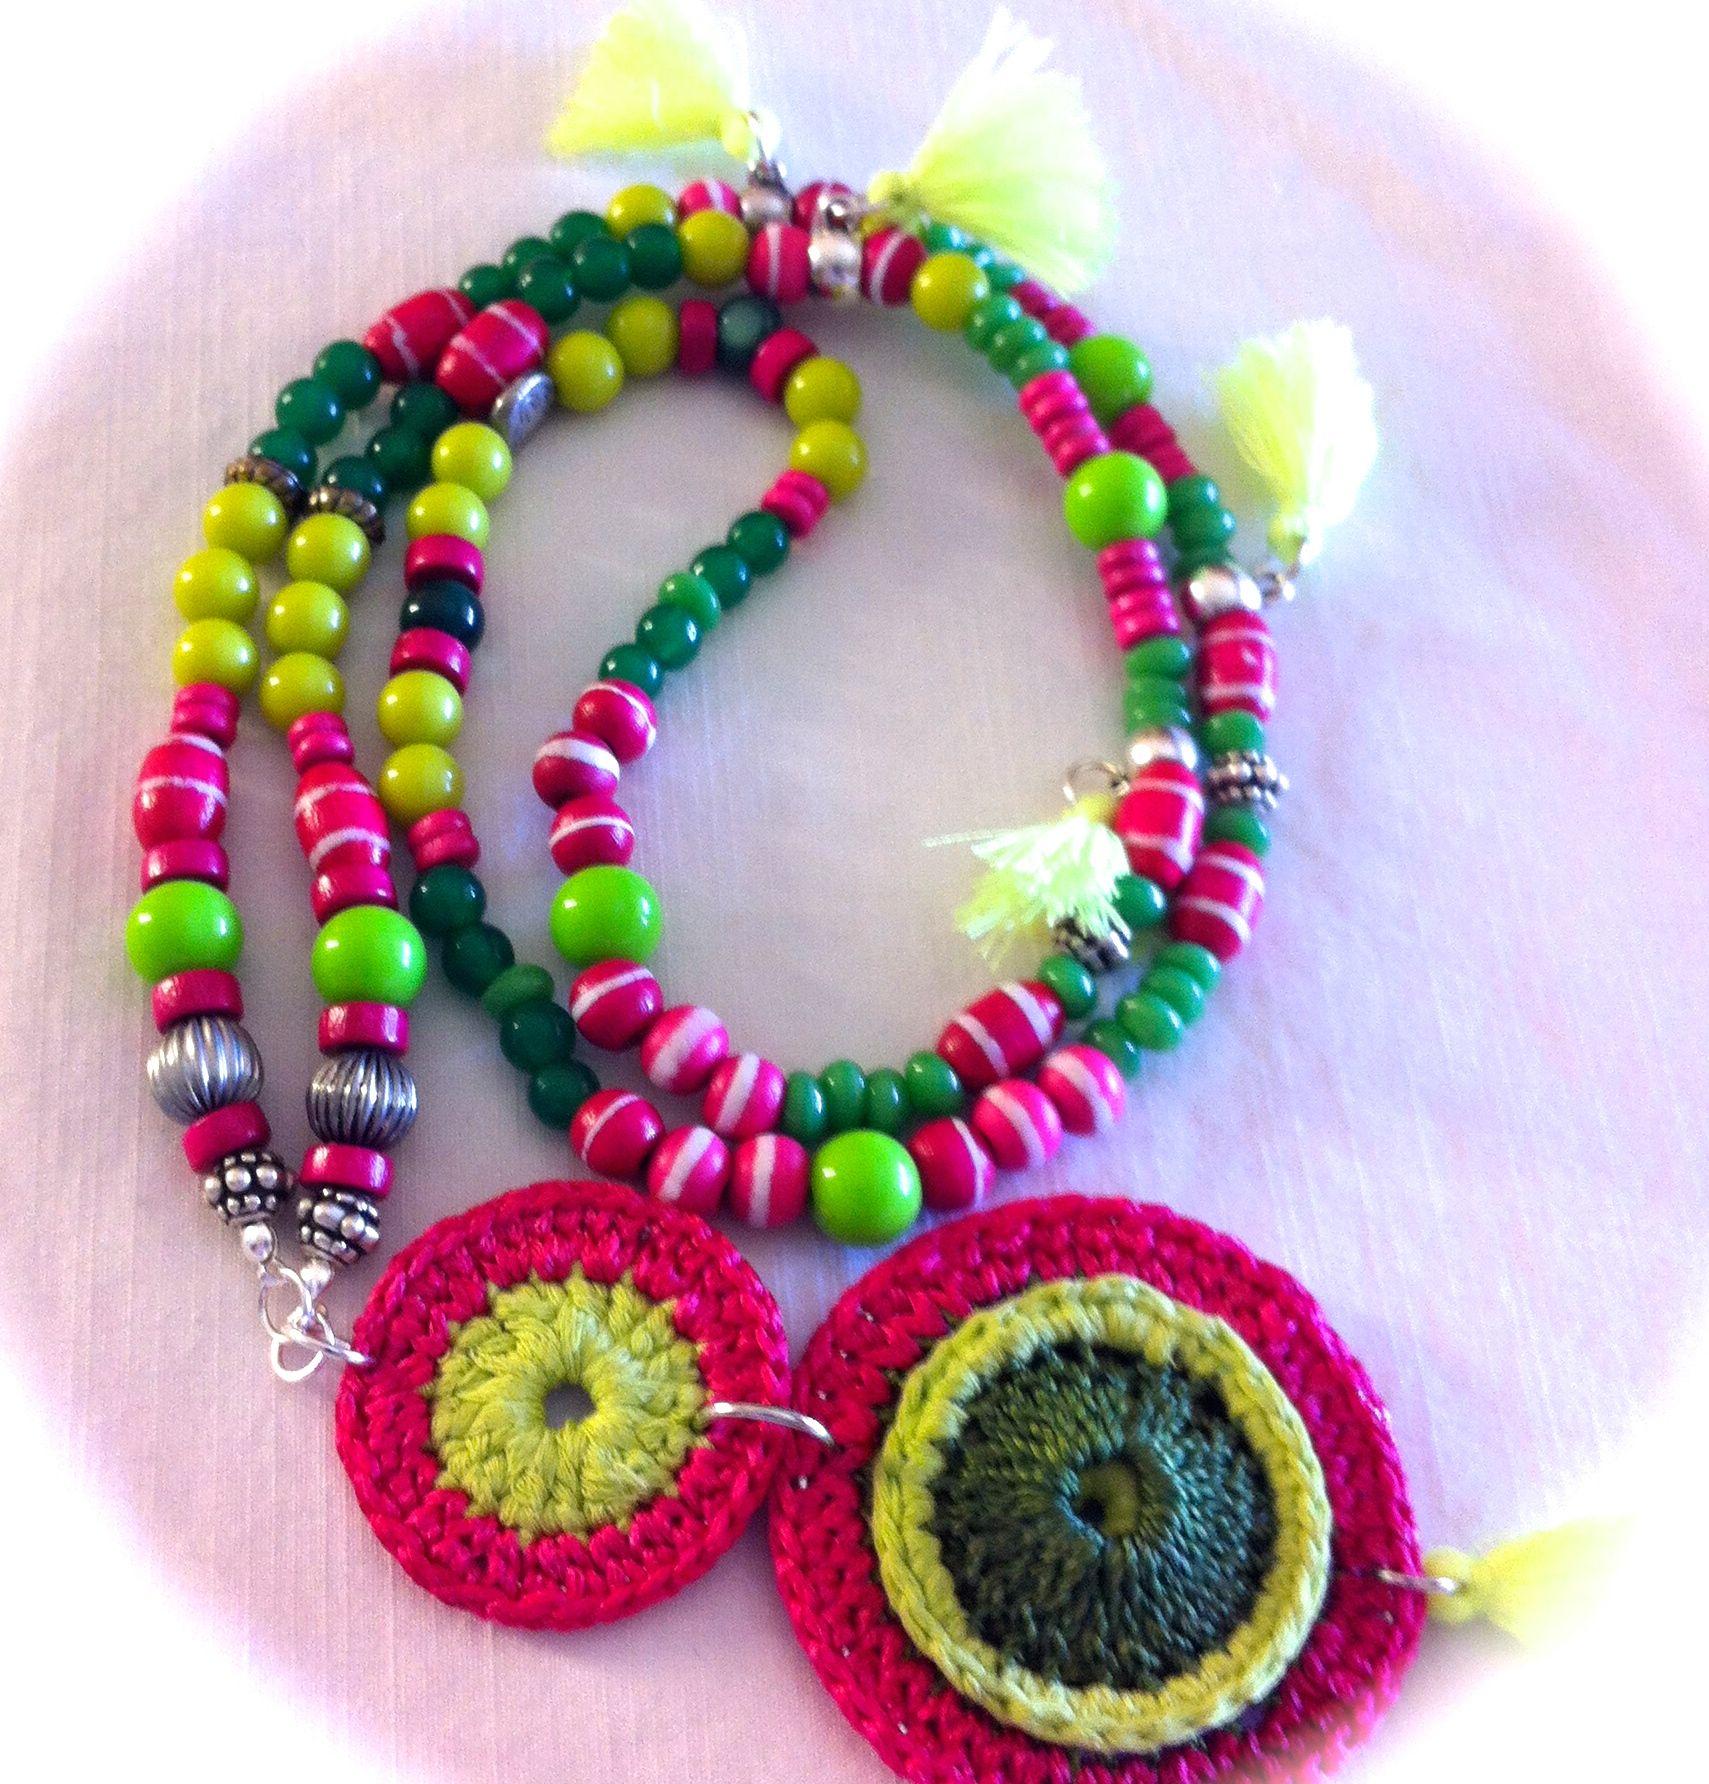 Collar XL, con 3 rosetones superpuestos y uno añadido en tres colores, tira de cristales verdes, bolitas de madera fucsia, piezas variadas en resina, piezas de metal y de resinas intercaladas con 5 pompones de algodón en neón 23€